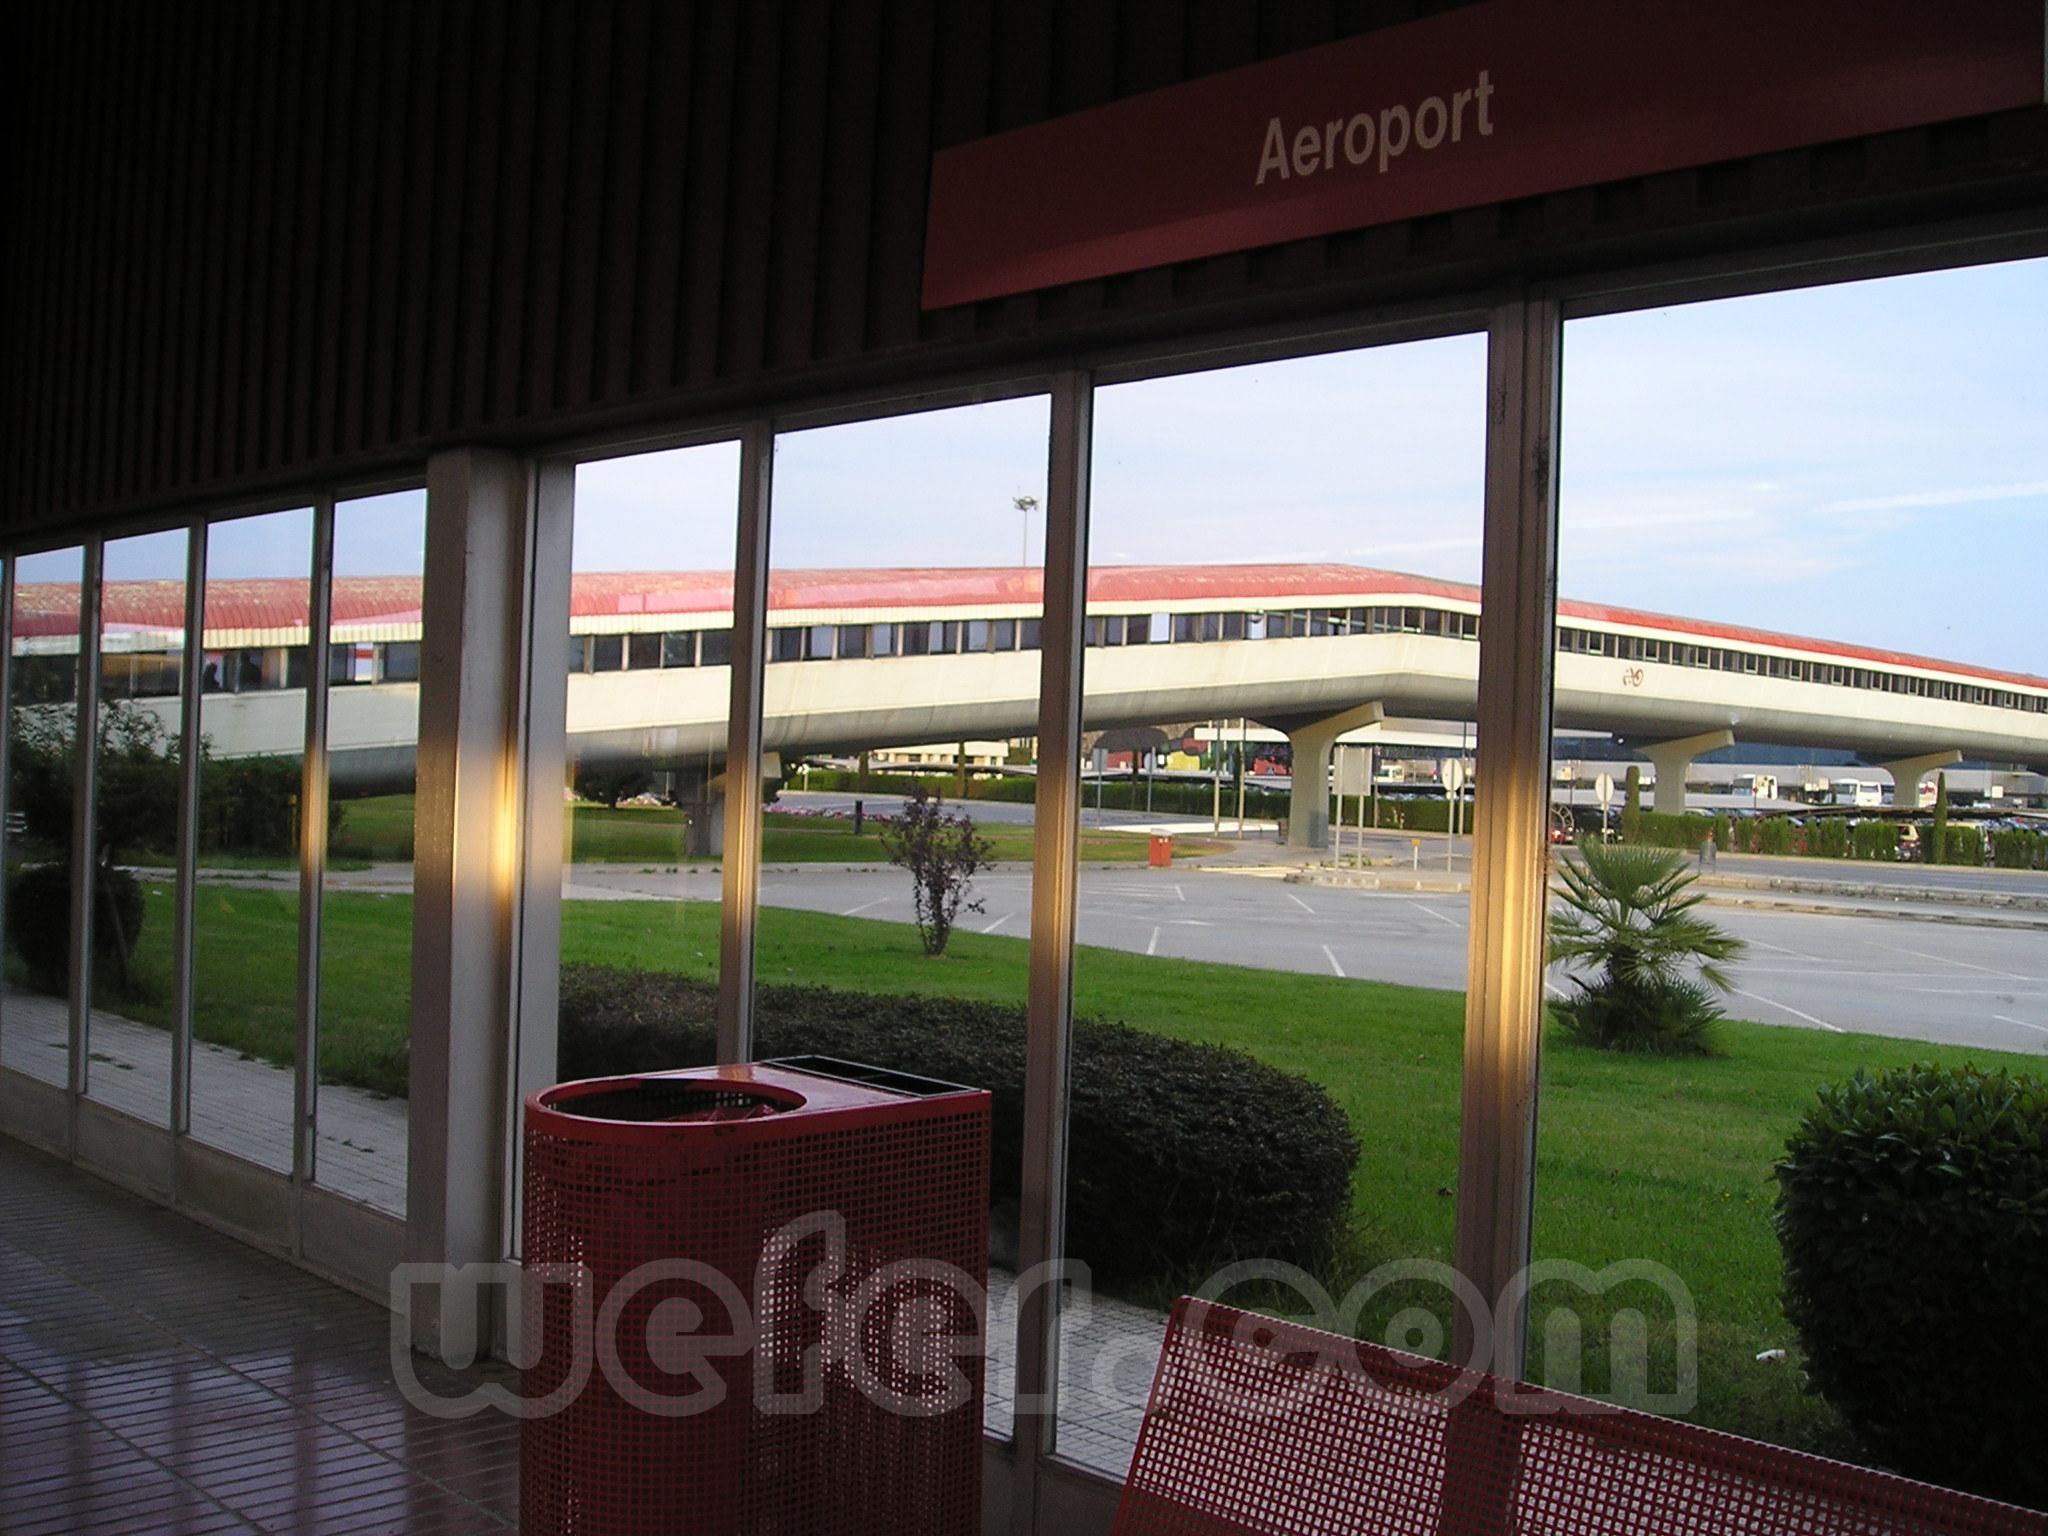 Renfe / ADIF: El Prat - Aeroport